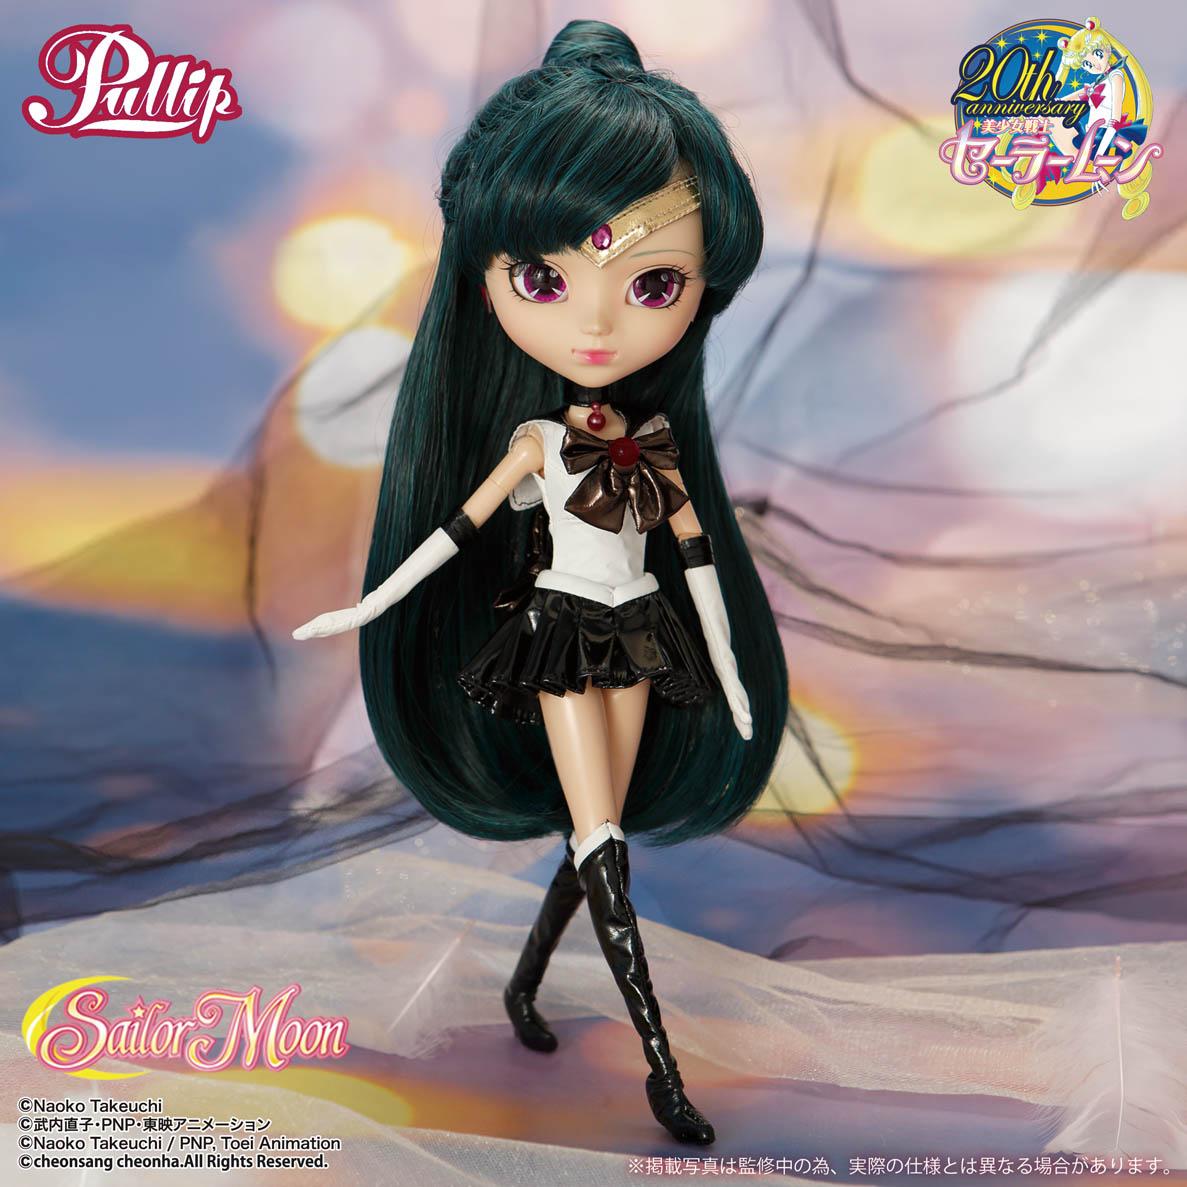 [septembre 2015] Série Sailor Moon : Sailor Pluto P155_01_150722